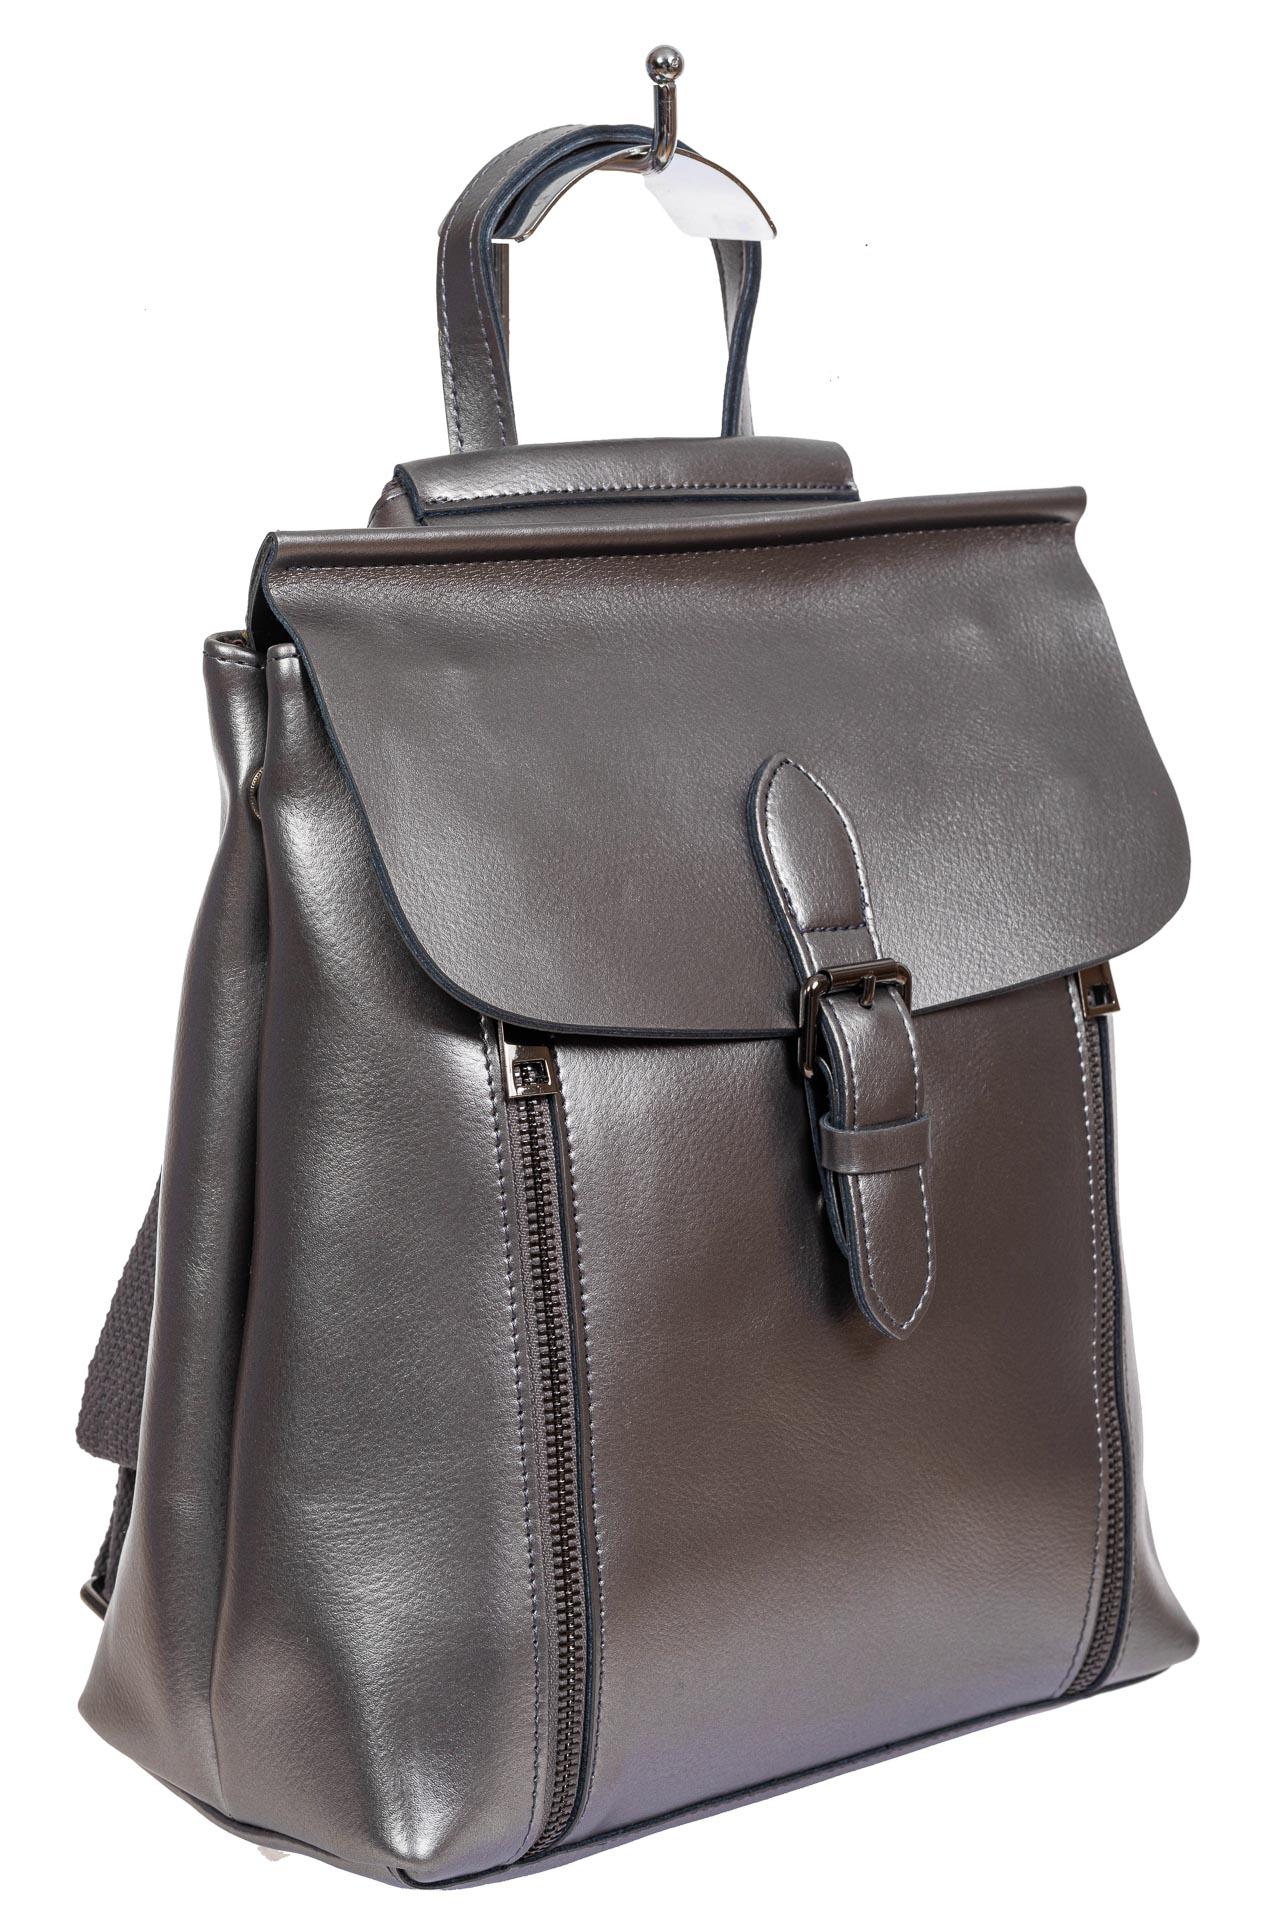 Кожаный рюкзак-трансформер, цвет серебристый